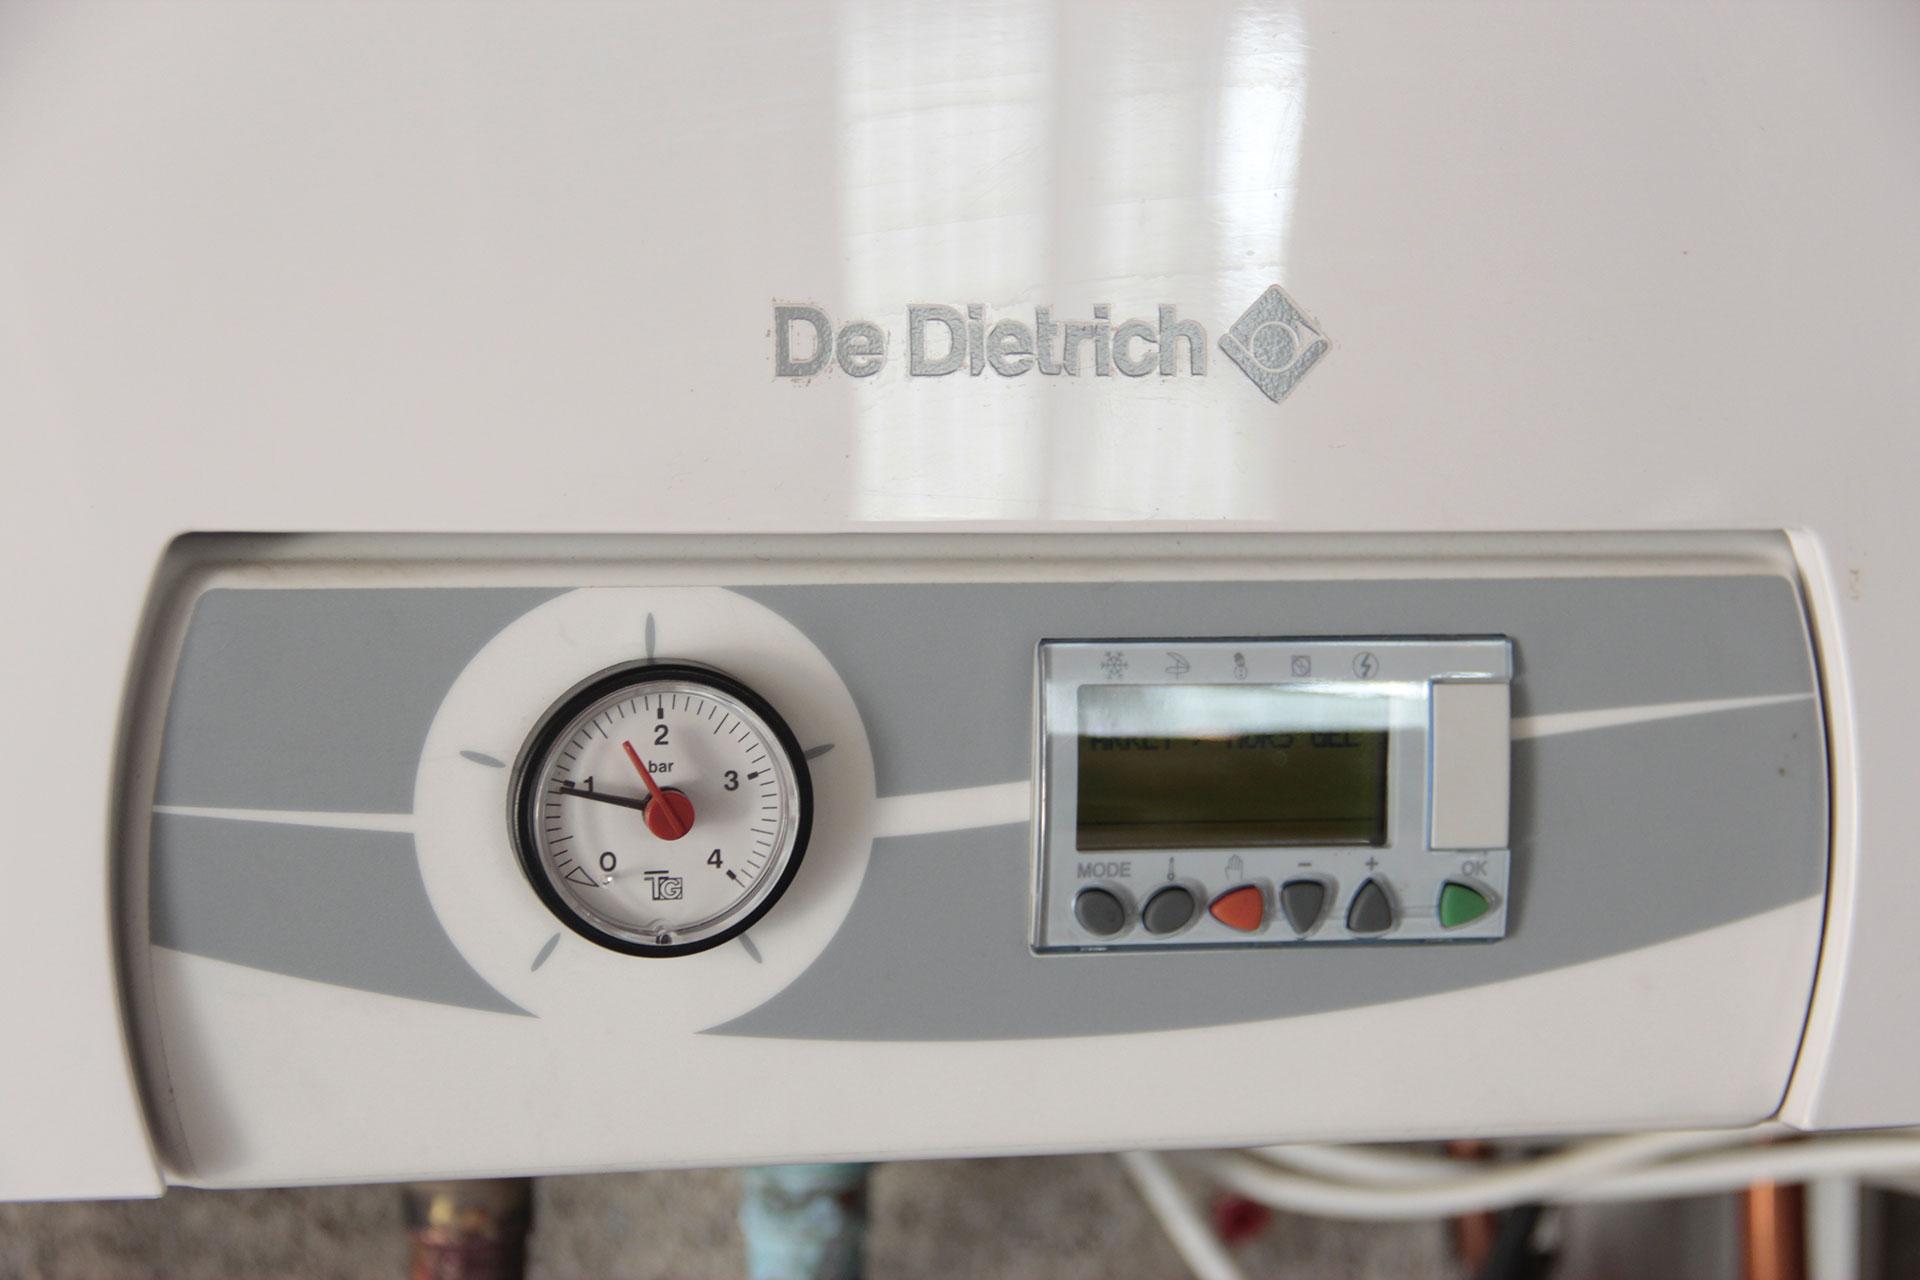 Pompe a chaleur de dietrich alezio - Pompe a chaleur de dietrich ...